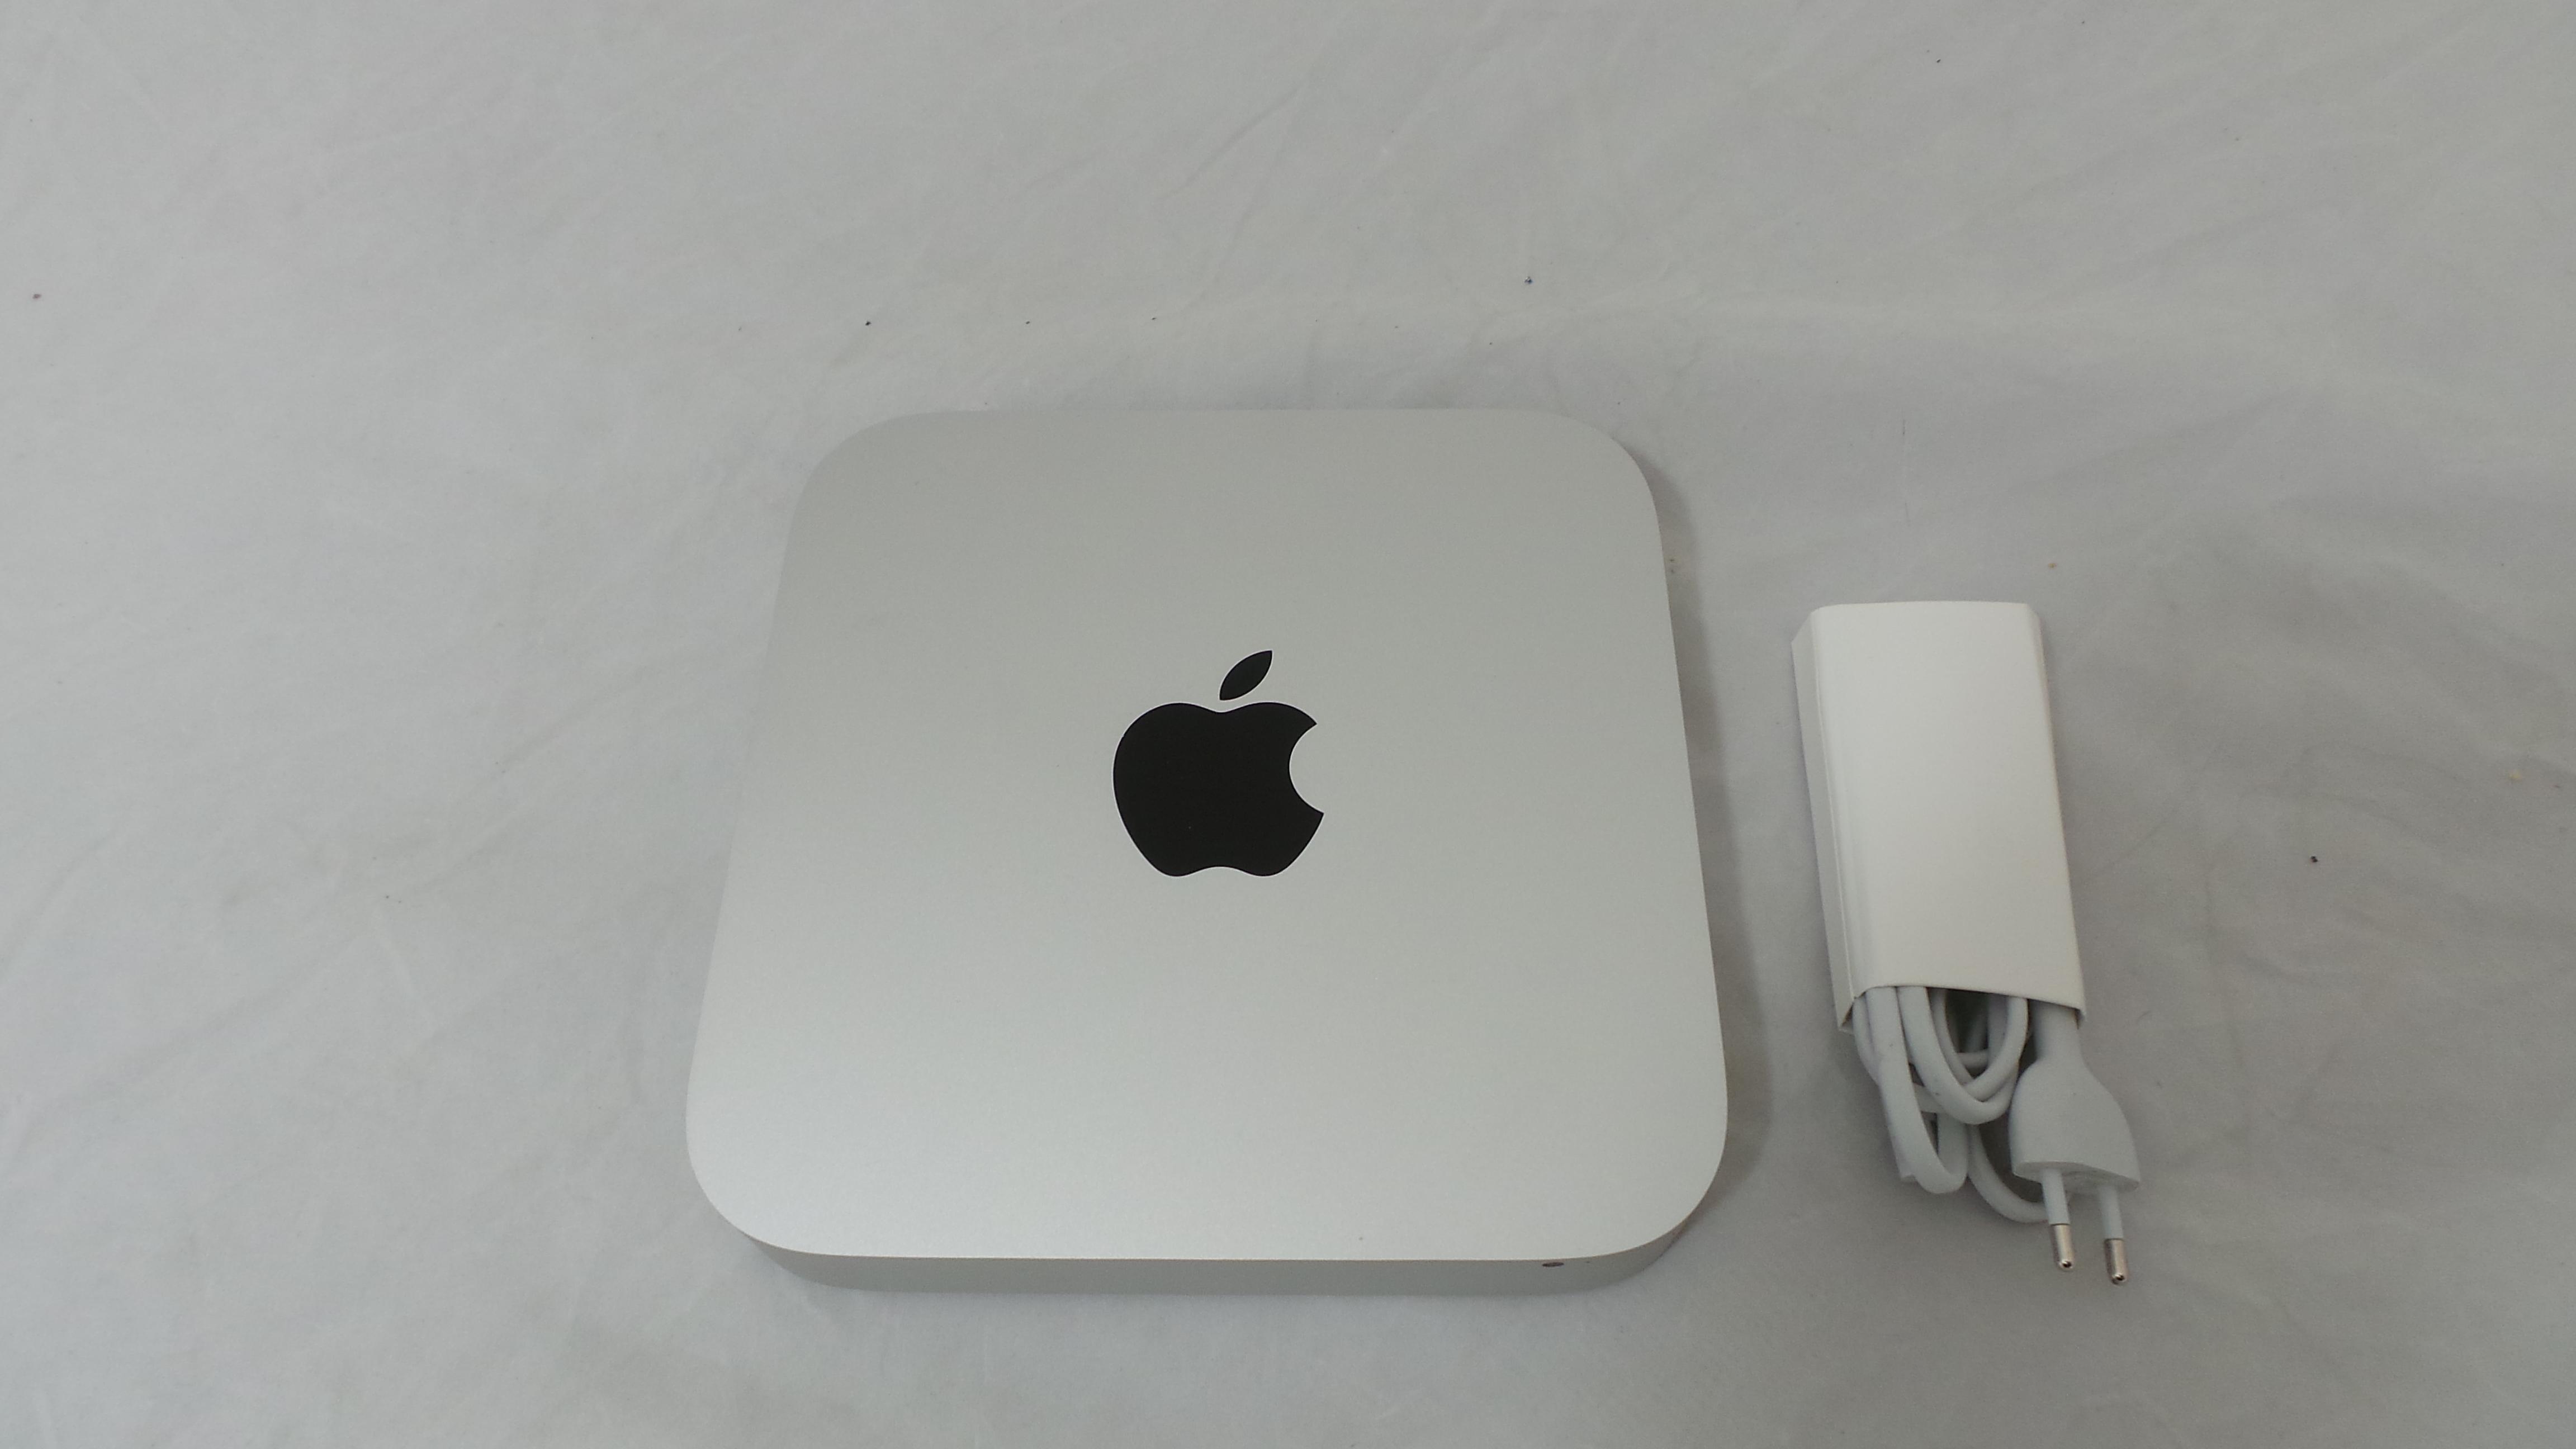 Mac Mini Late 2014 (Intel Core i5 2.6 GHz 8 GB RAM 1 TB HDD), 2,6 GHz Intel Dual-Core i5, 8 GB, 1 TB HDD, Afbeelding 1